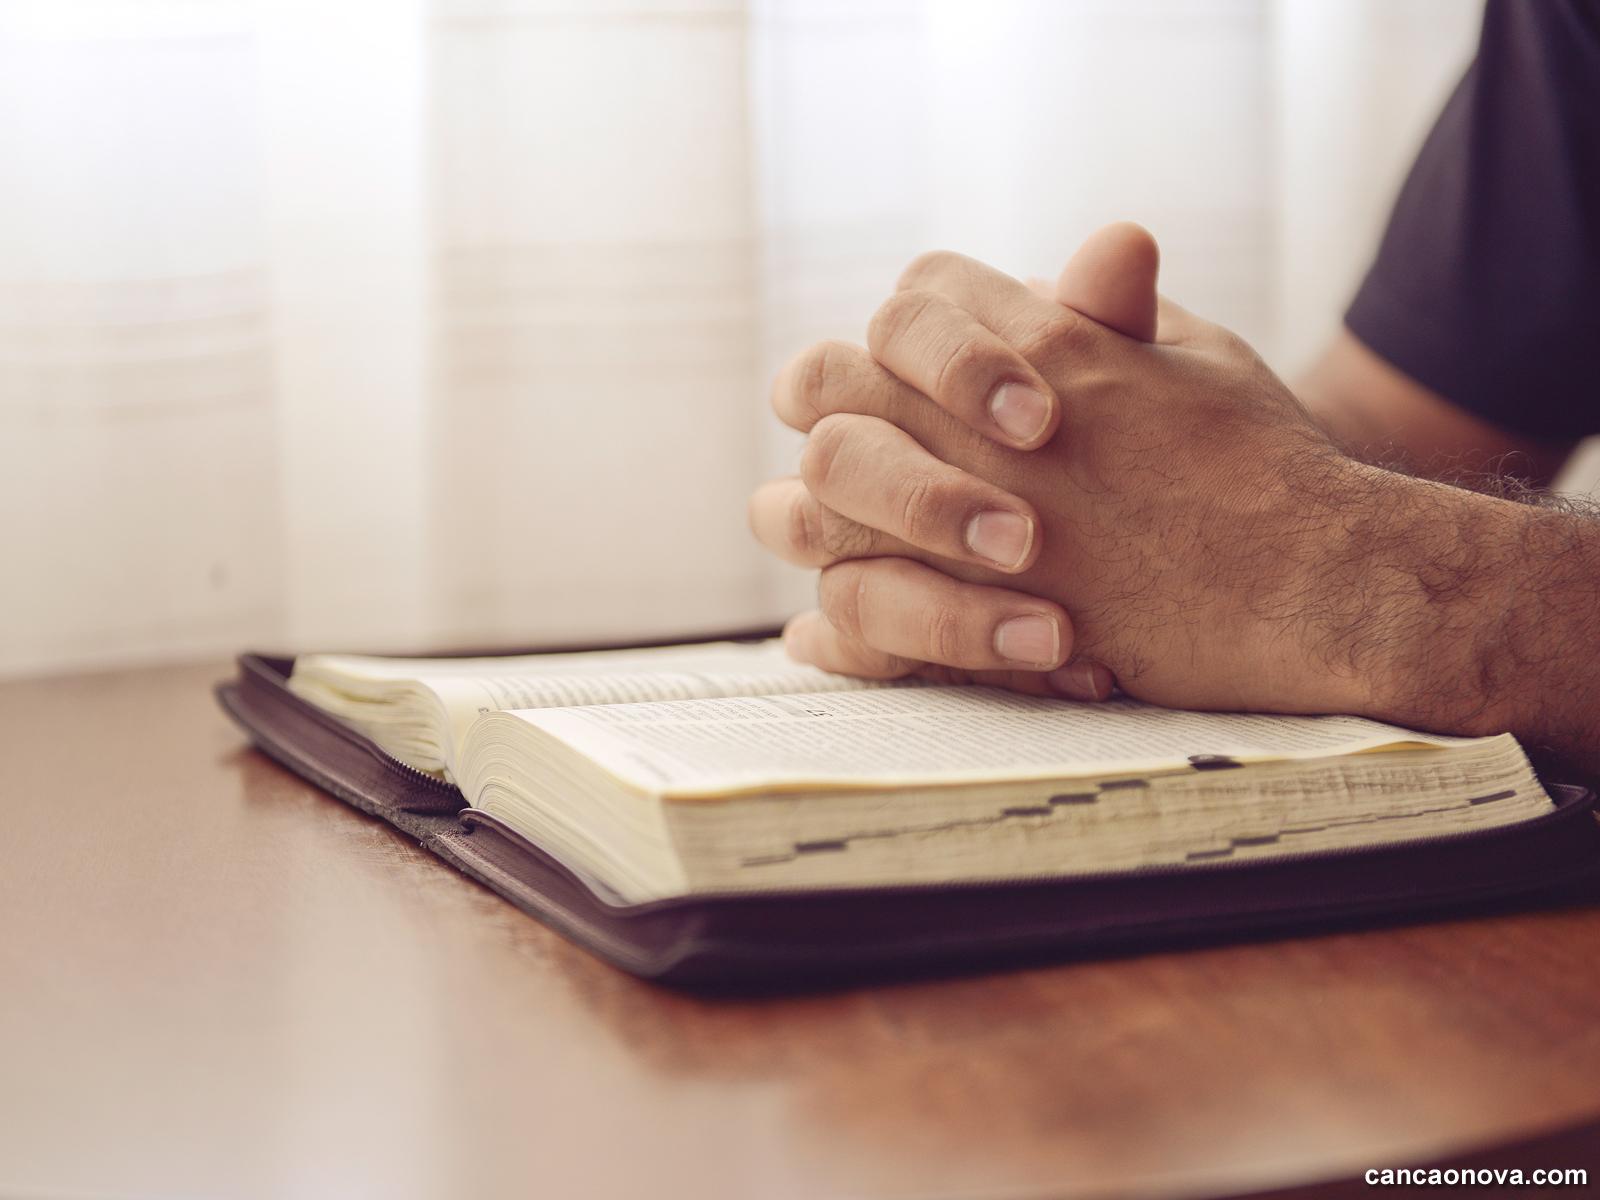 Oração,-via-de-diálogo-entre-nós-e-o-Senhor-